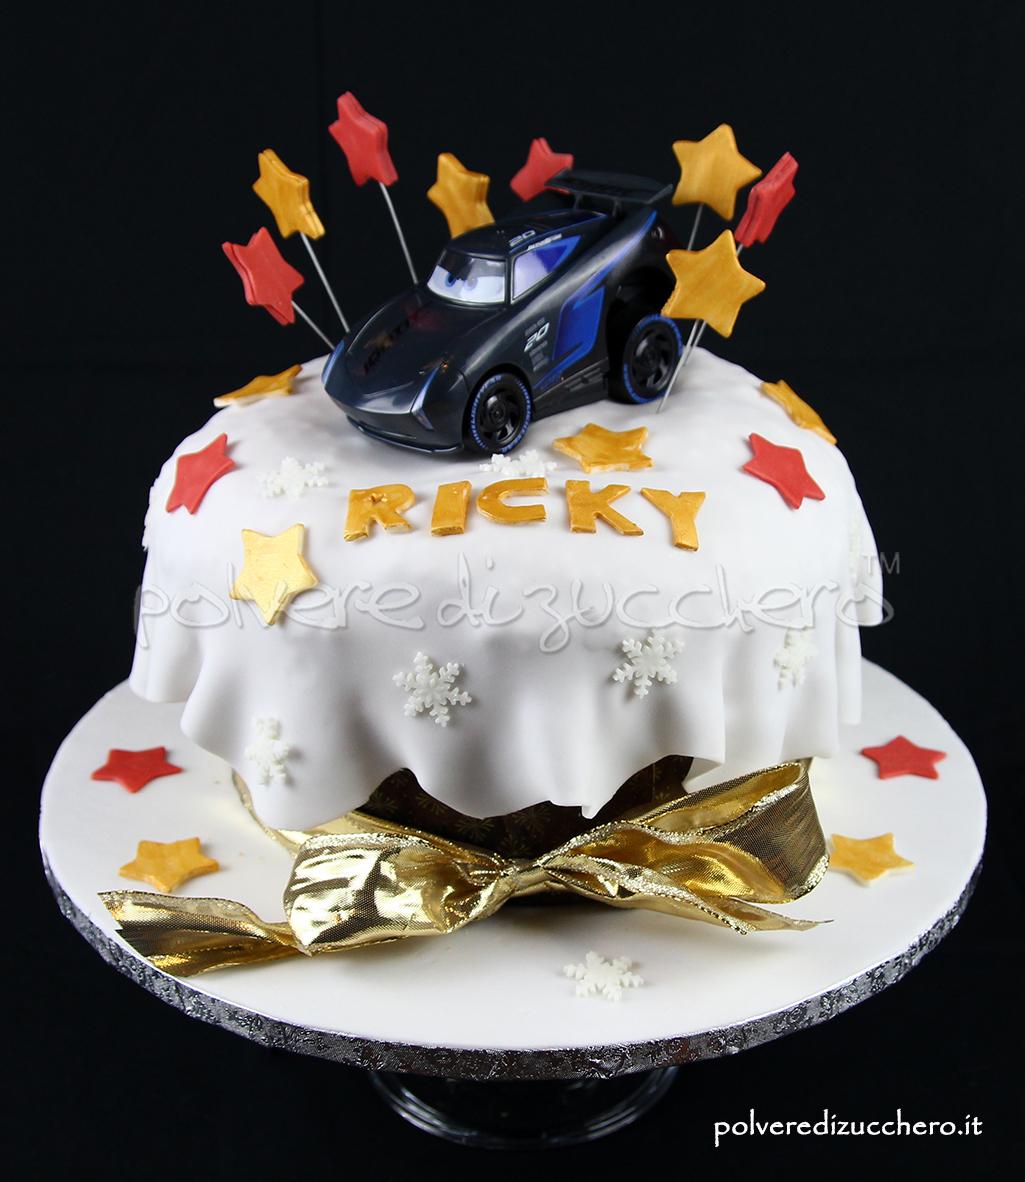 torta decorata cake design natale anno nuovo auguri panettone decroato cars 3 disney polvere di zucchero